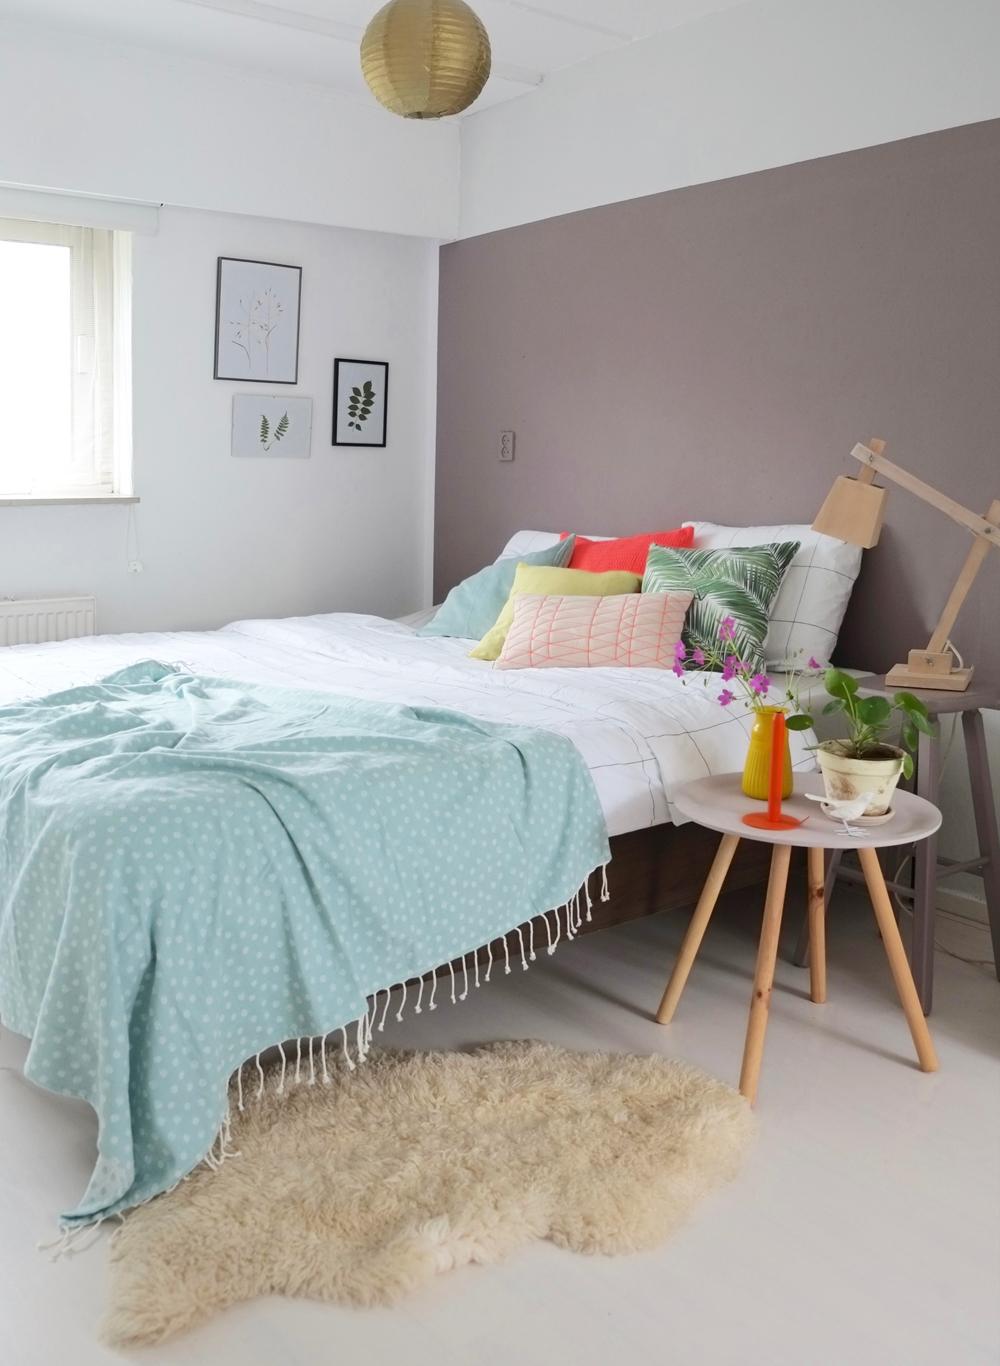 Kleur in huis inspiraties - Kleur voor de slaapkamer van de meid ...